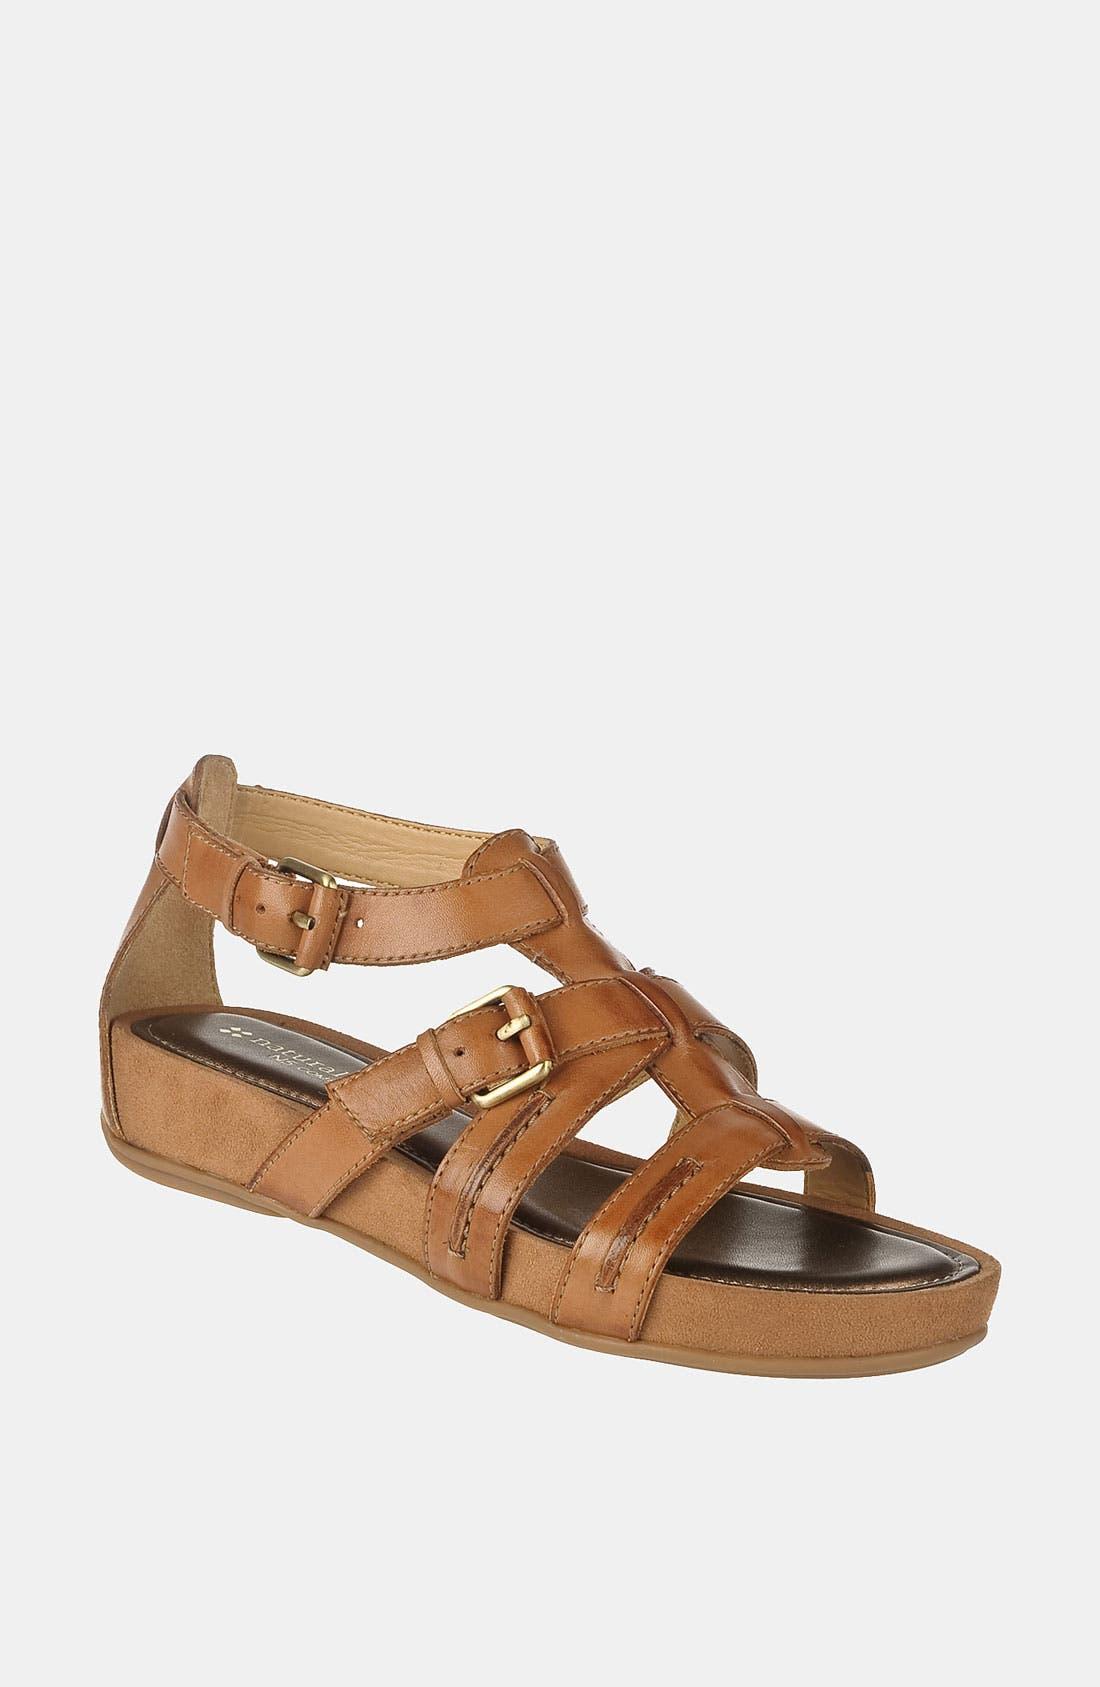 Alternate Image 1 Selected - Naturalizer 'Orleans' Sandal